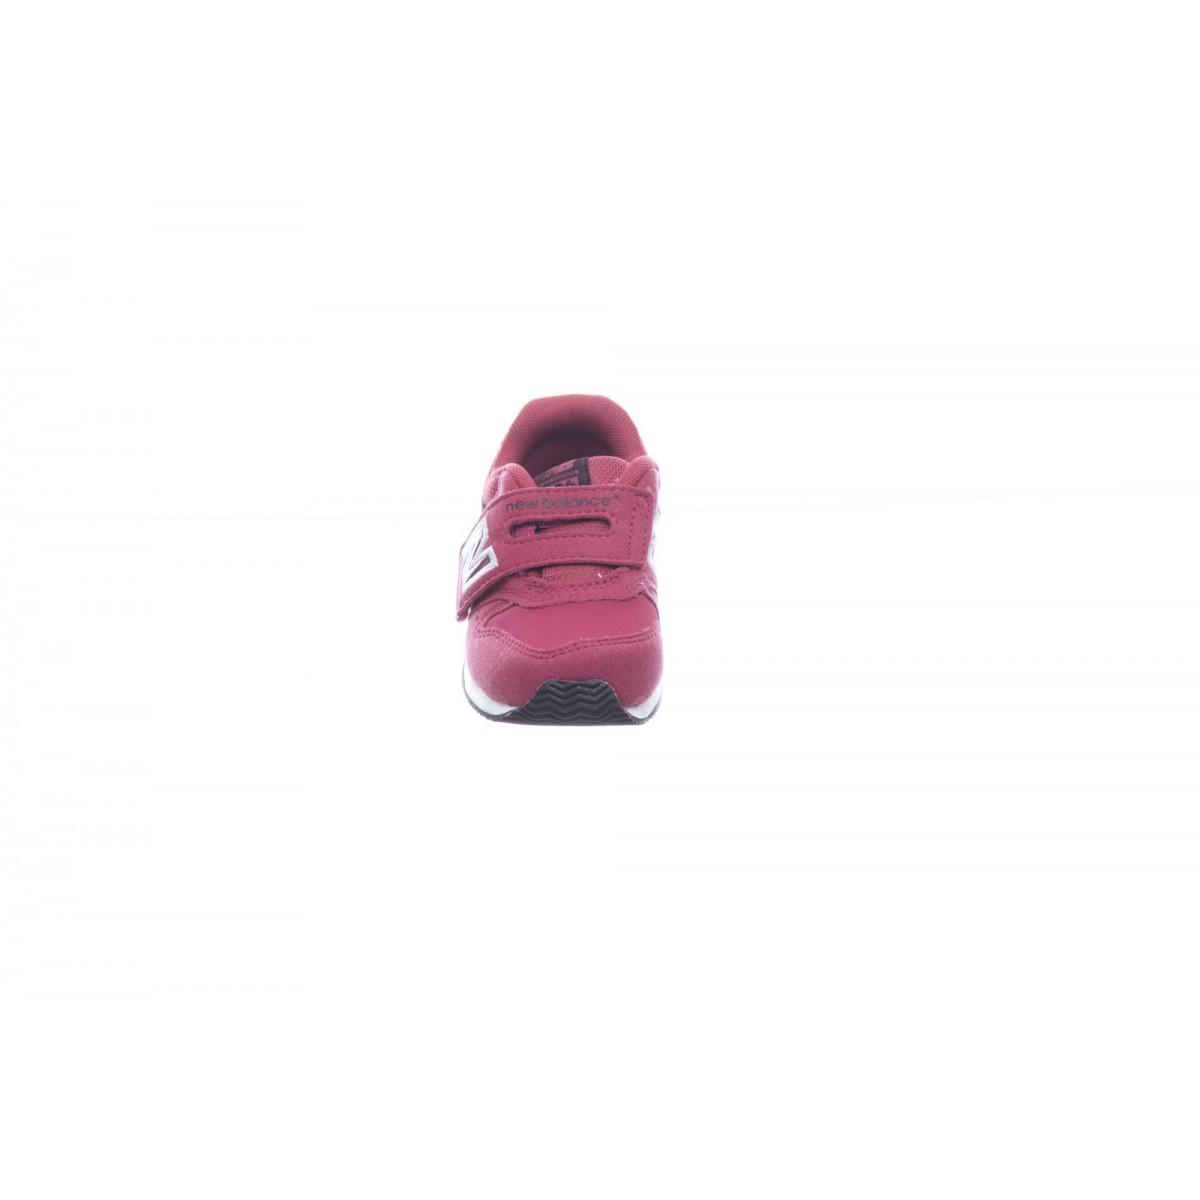 Scarpe - Fs996 infant bambina